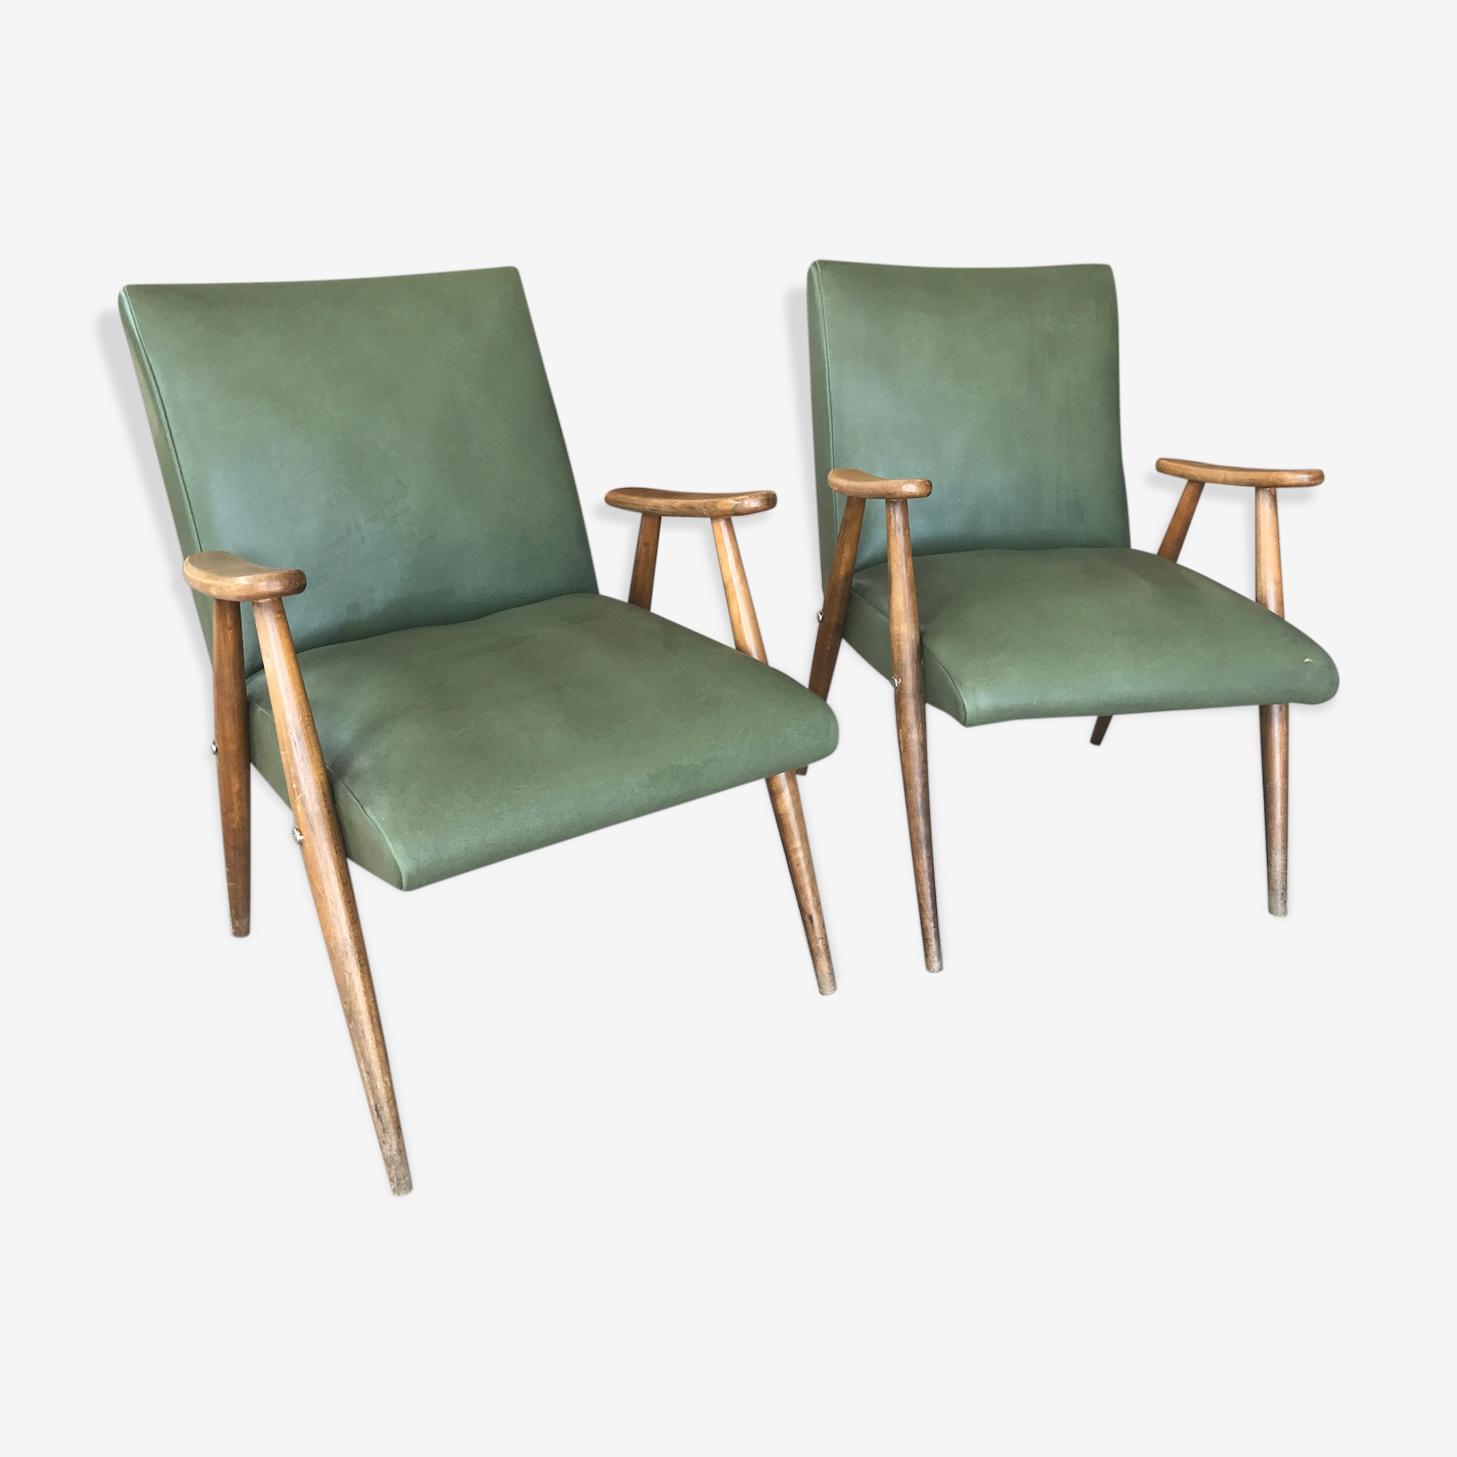 Paire de fauteuils vintage scandinave années 60